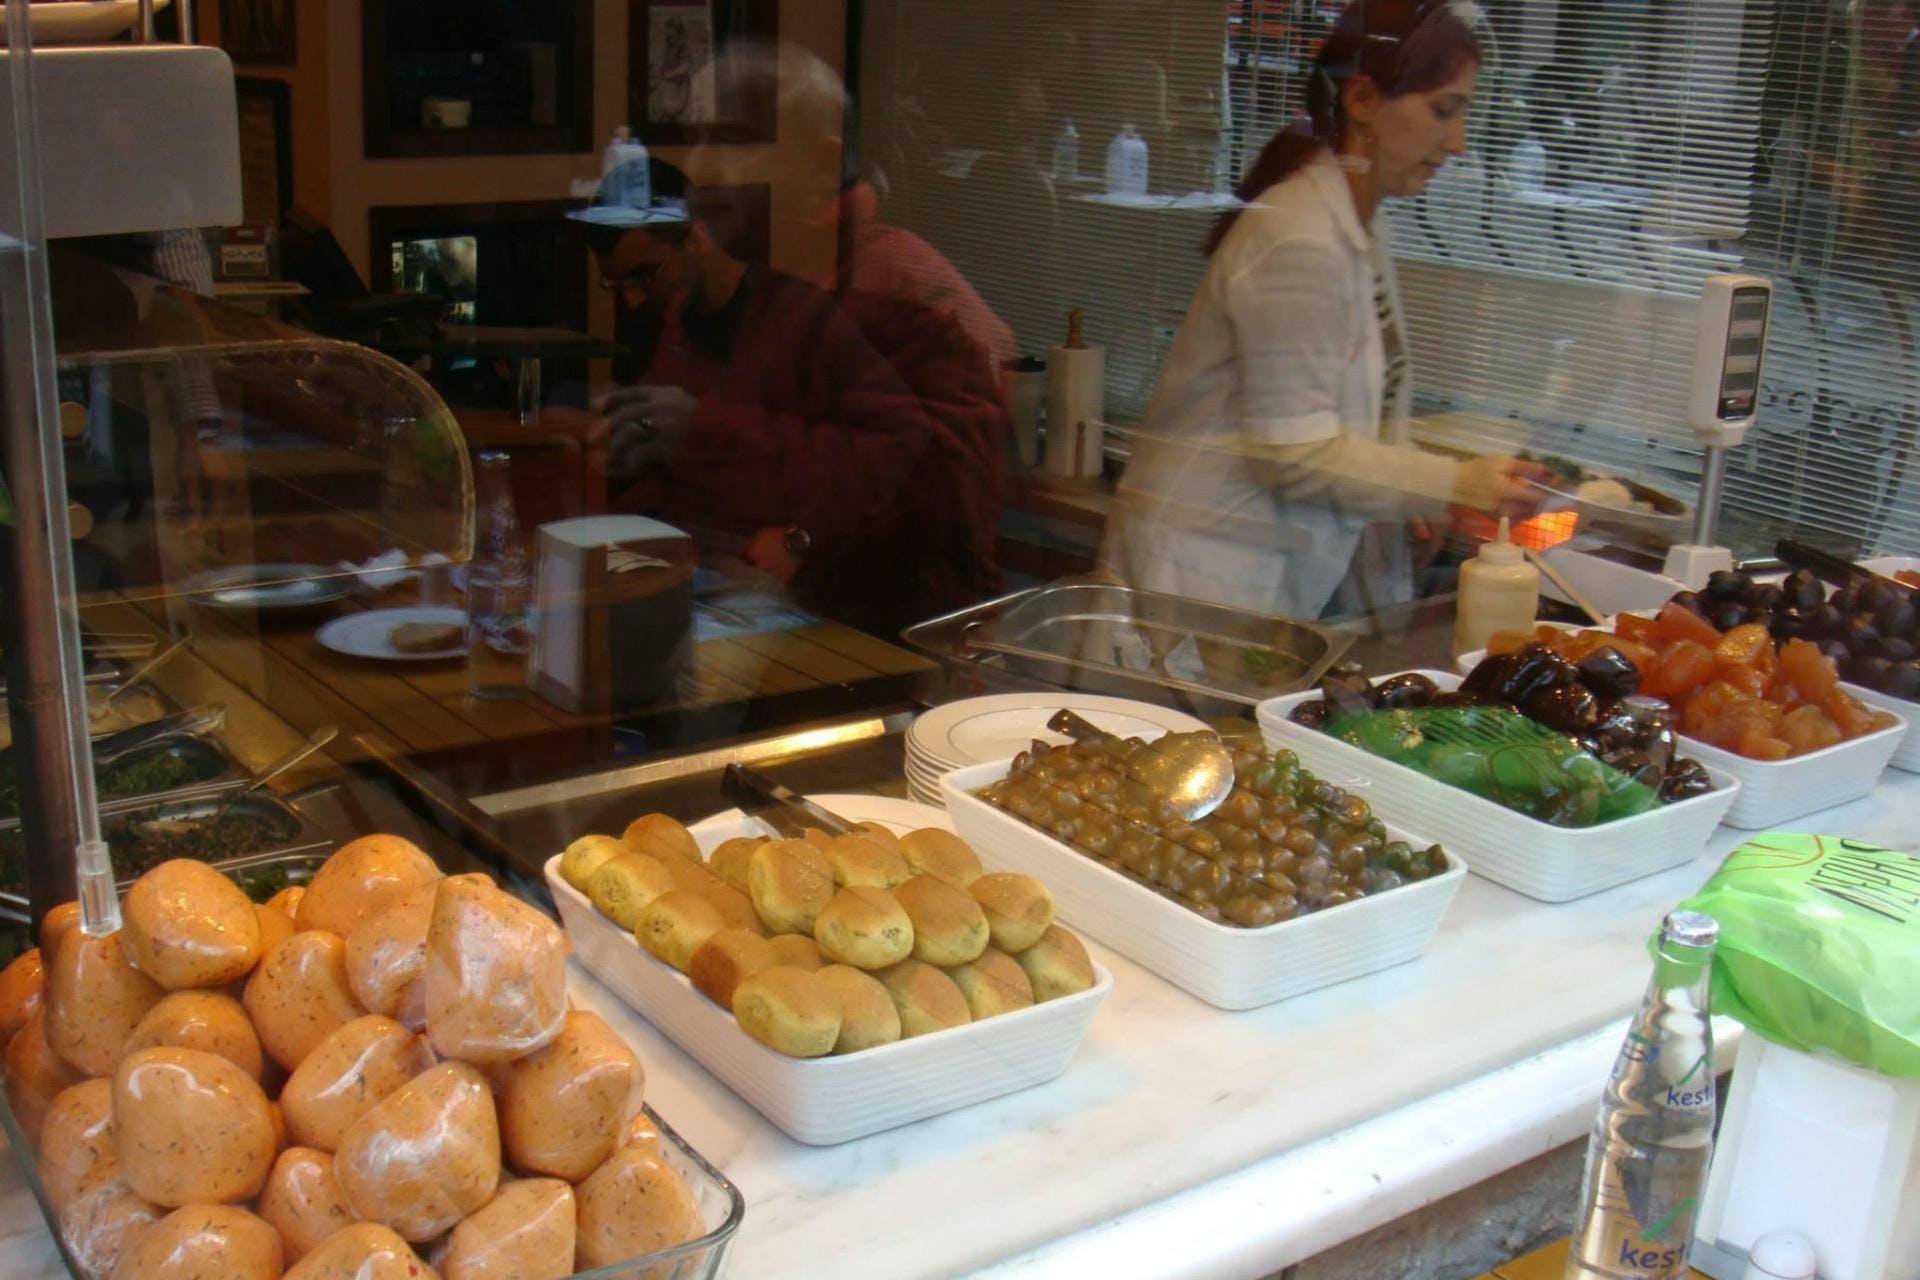 Ver la ciudad,Gastronomía,Tours andando,Comidas y cenas especiales,Tours enológicos,Tour gastronómico